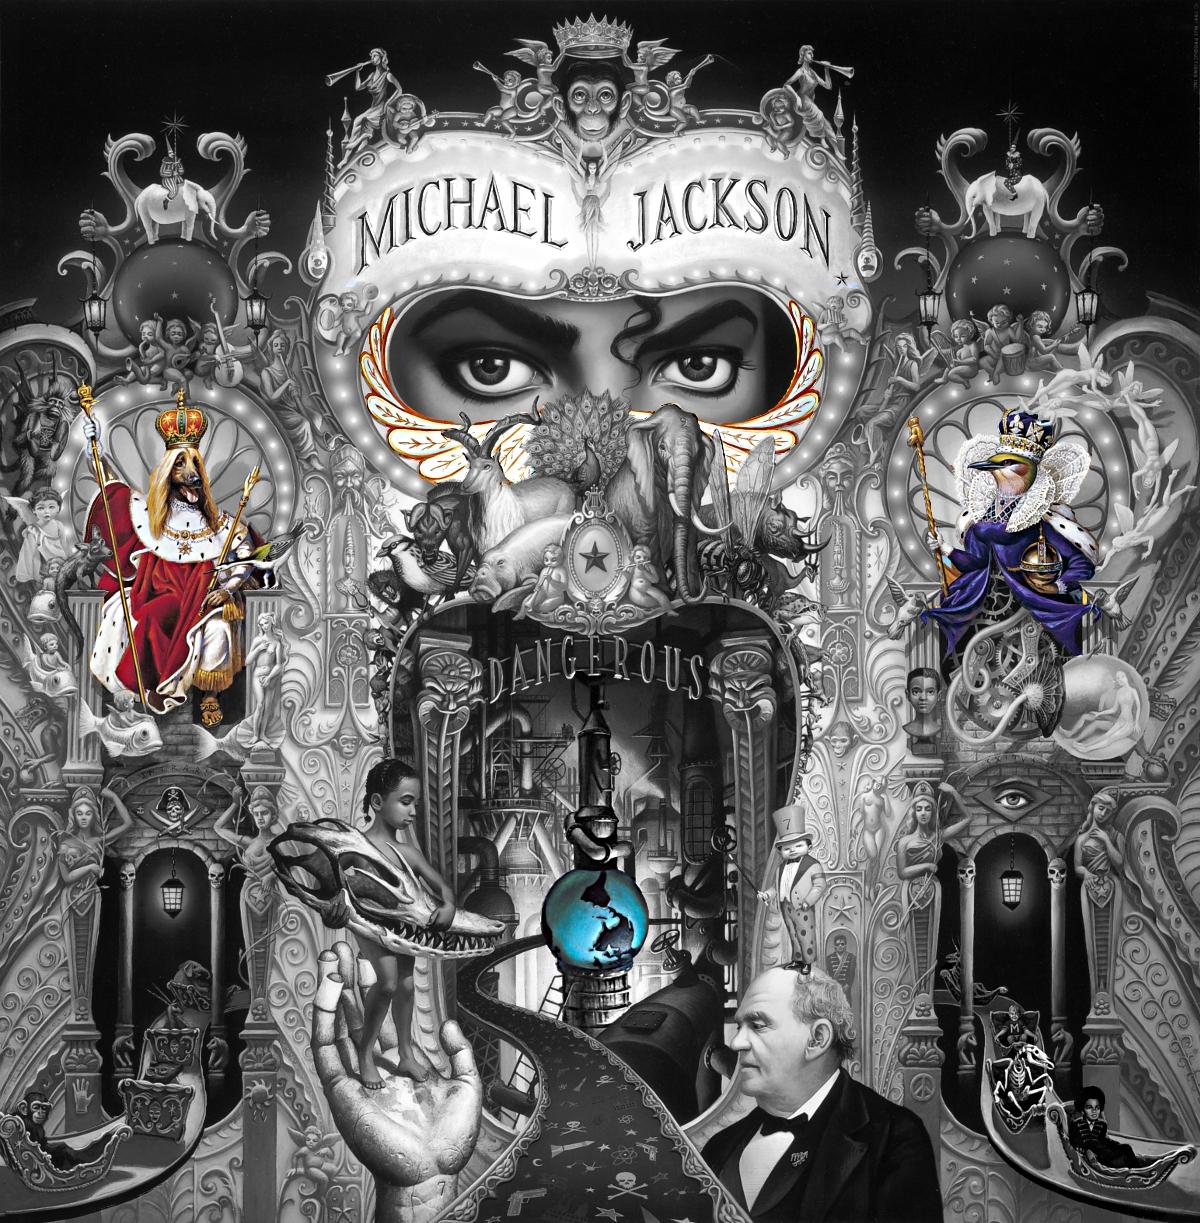 michael jackson dangerous album cover explained meaning erklärt symbols symbole bedeutung ryden art dog king queen welt world day night